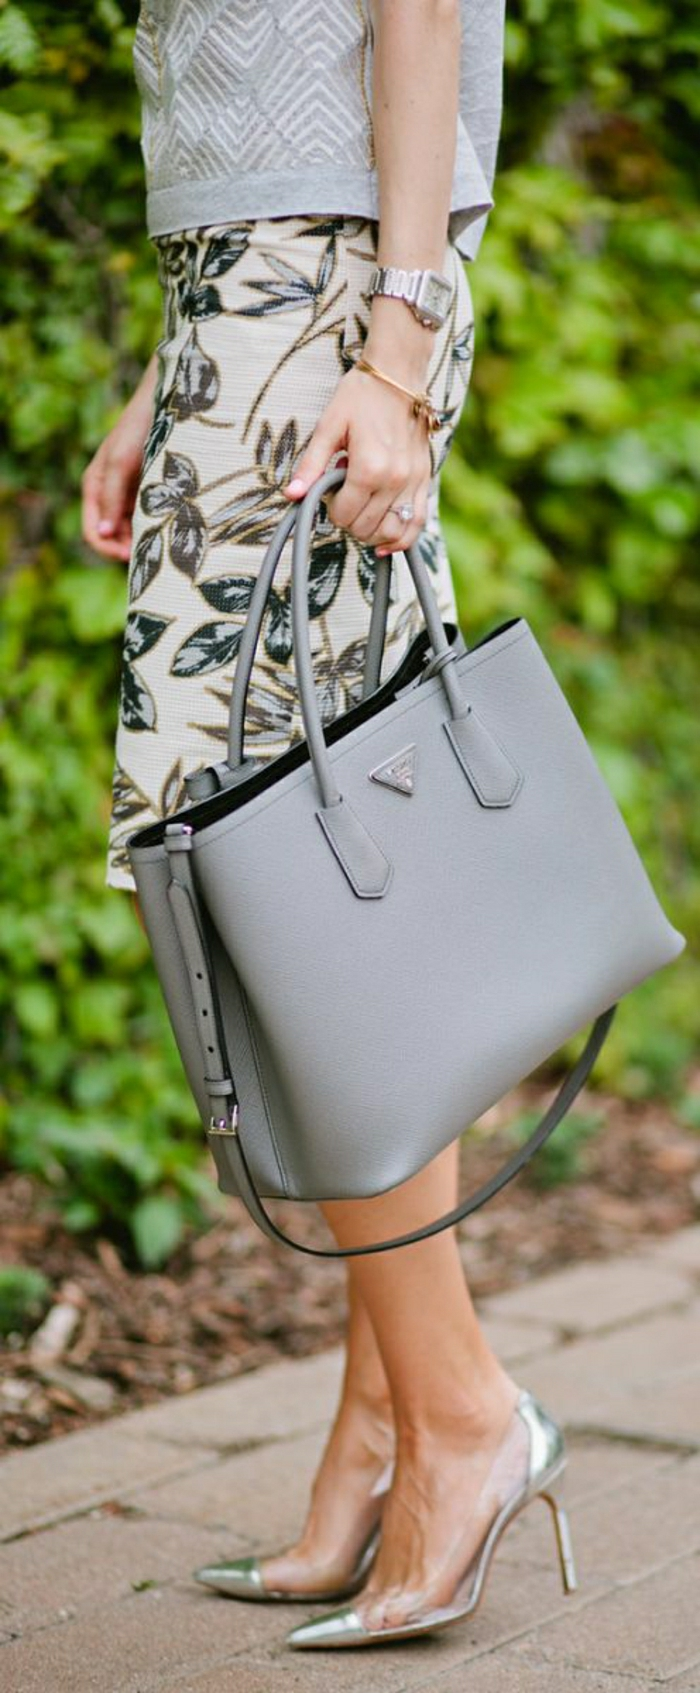 Prada-Taschen-graues-Modell-Designer